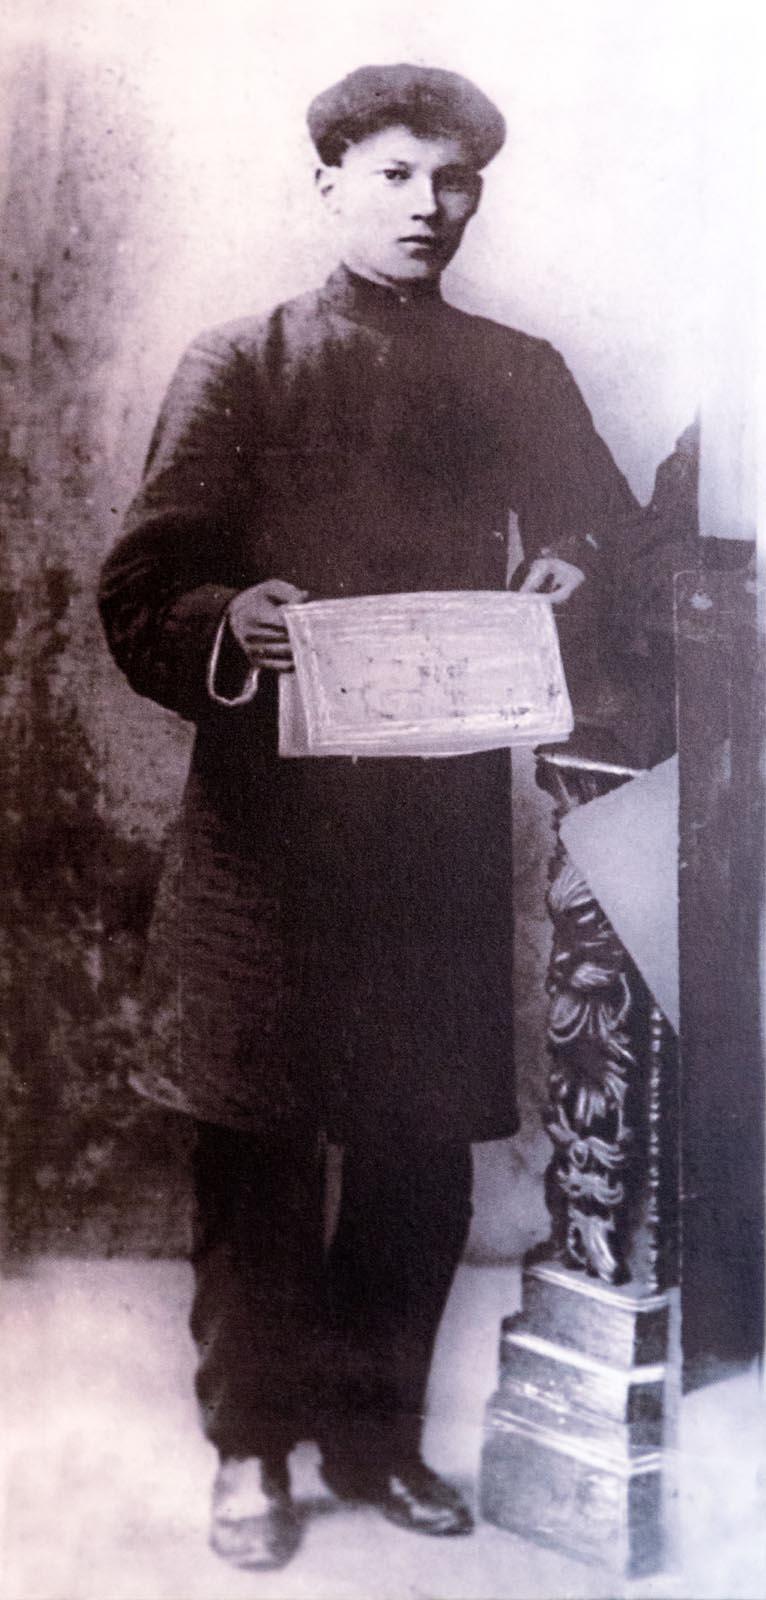 Фото №273661. Г.Тукай наборщик типографии газеты «Уралец» Уральск 1904